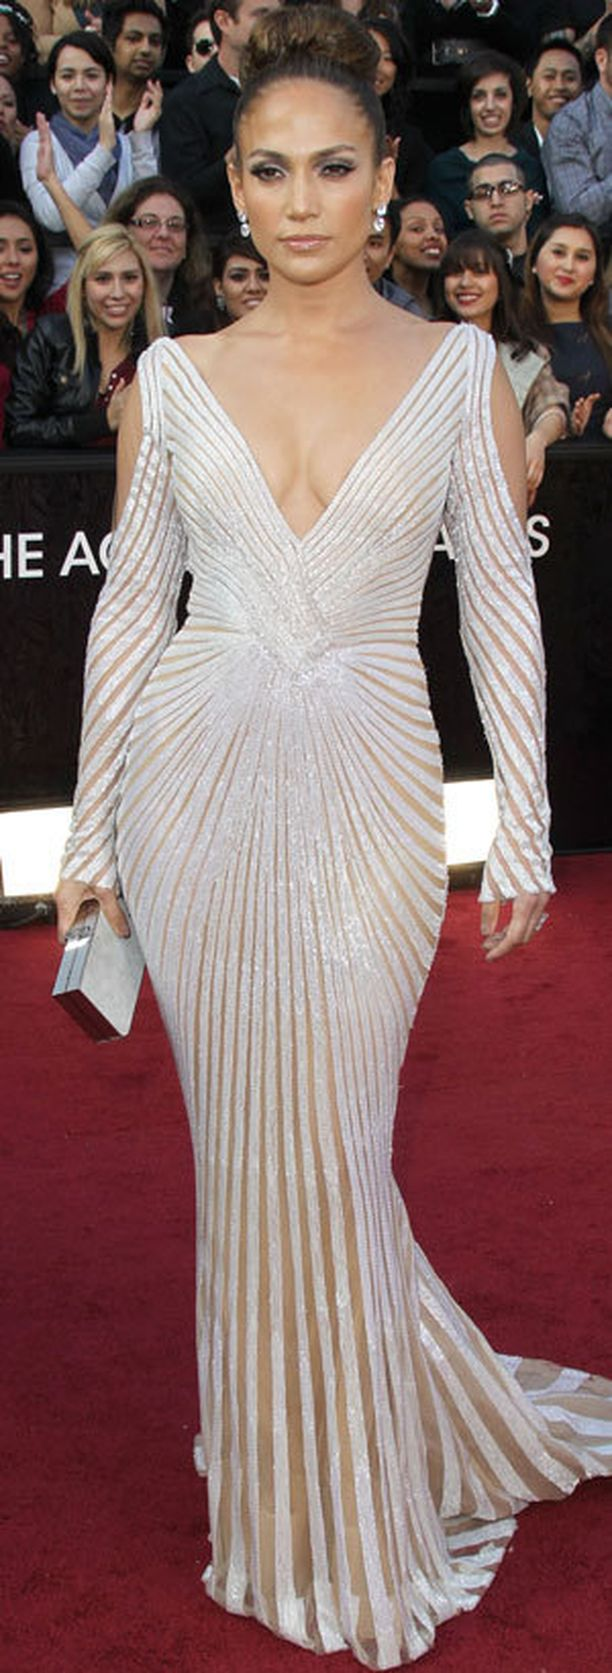 Tähän iltapukuun hän pukeutui vuoden 2012 Oscar-gaalaan...